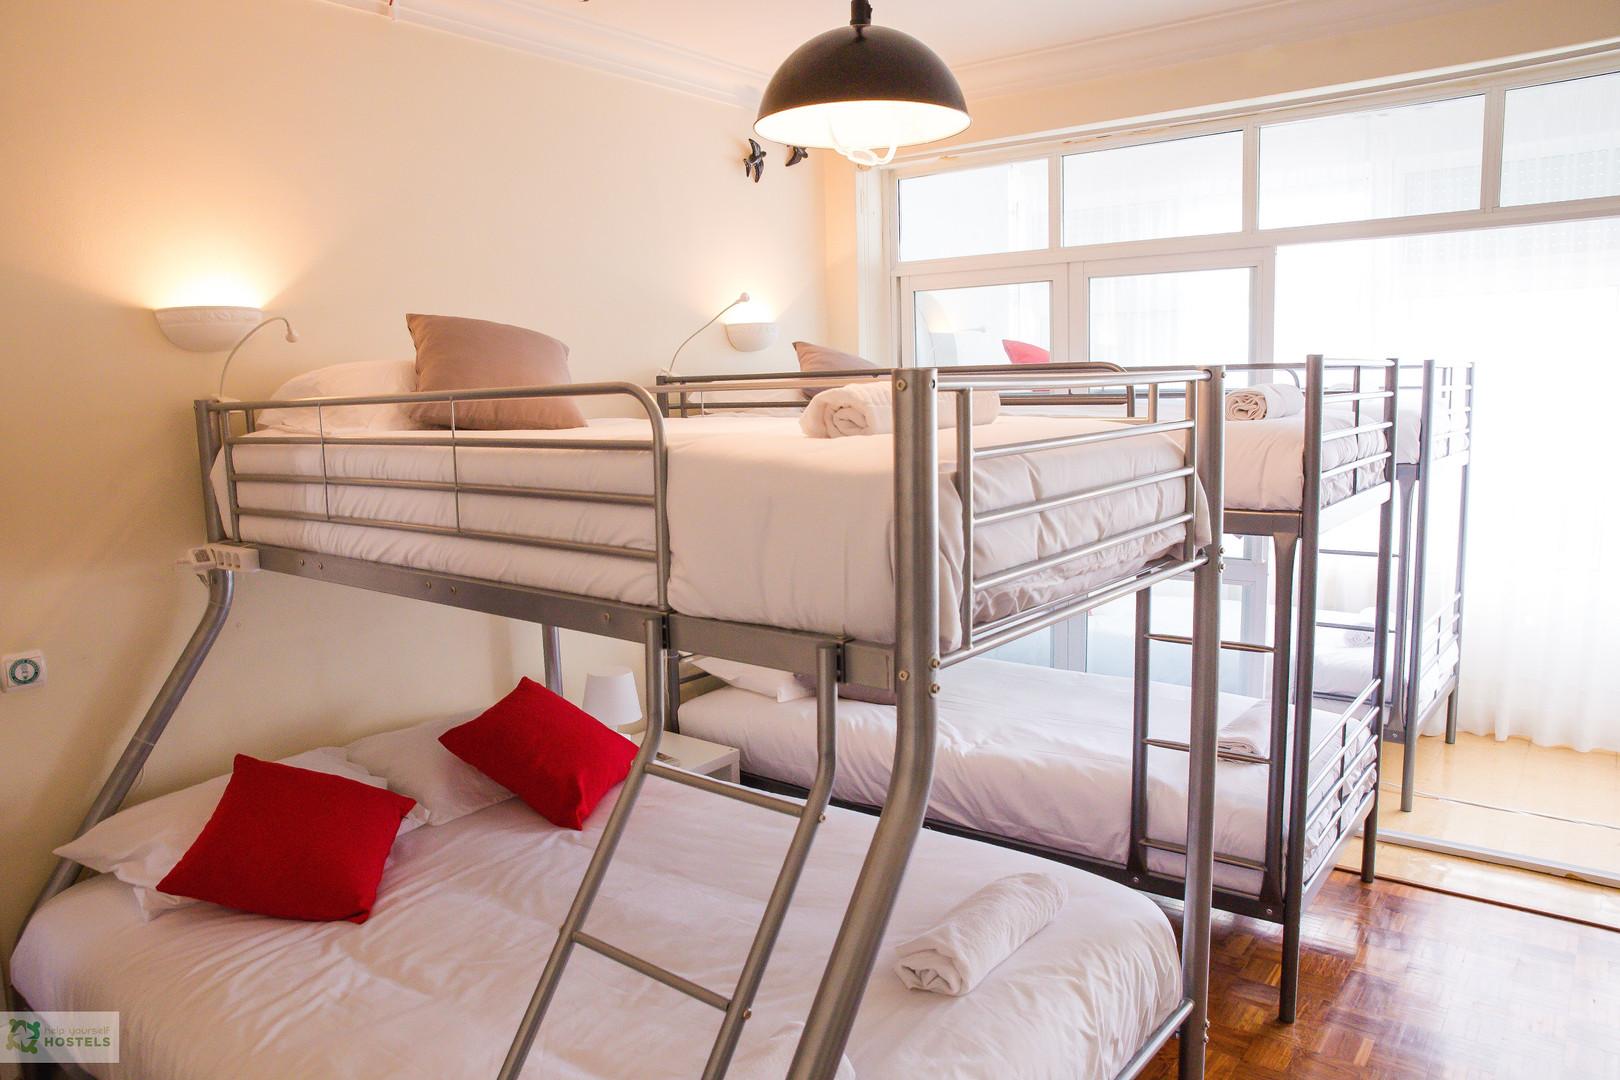 Suite de 7 pessoas no Help Yourself Hostels Carcavelos